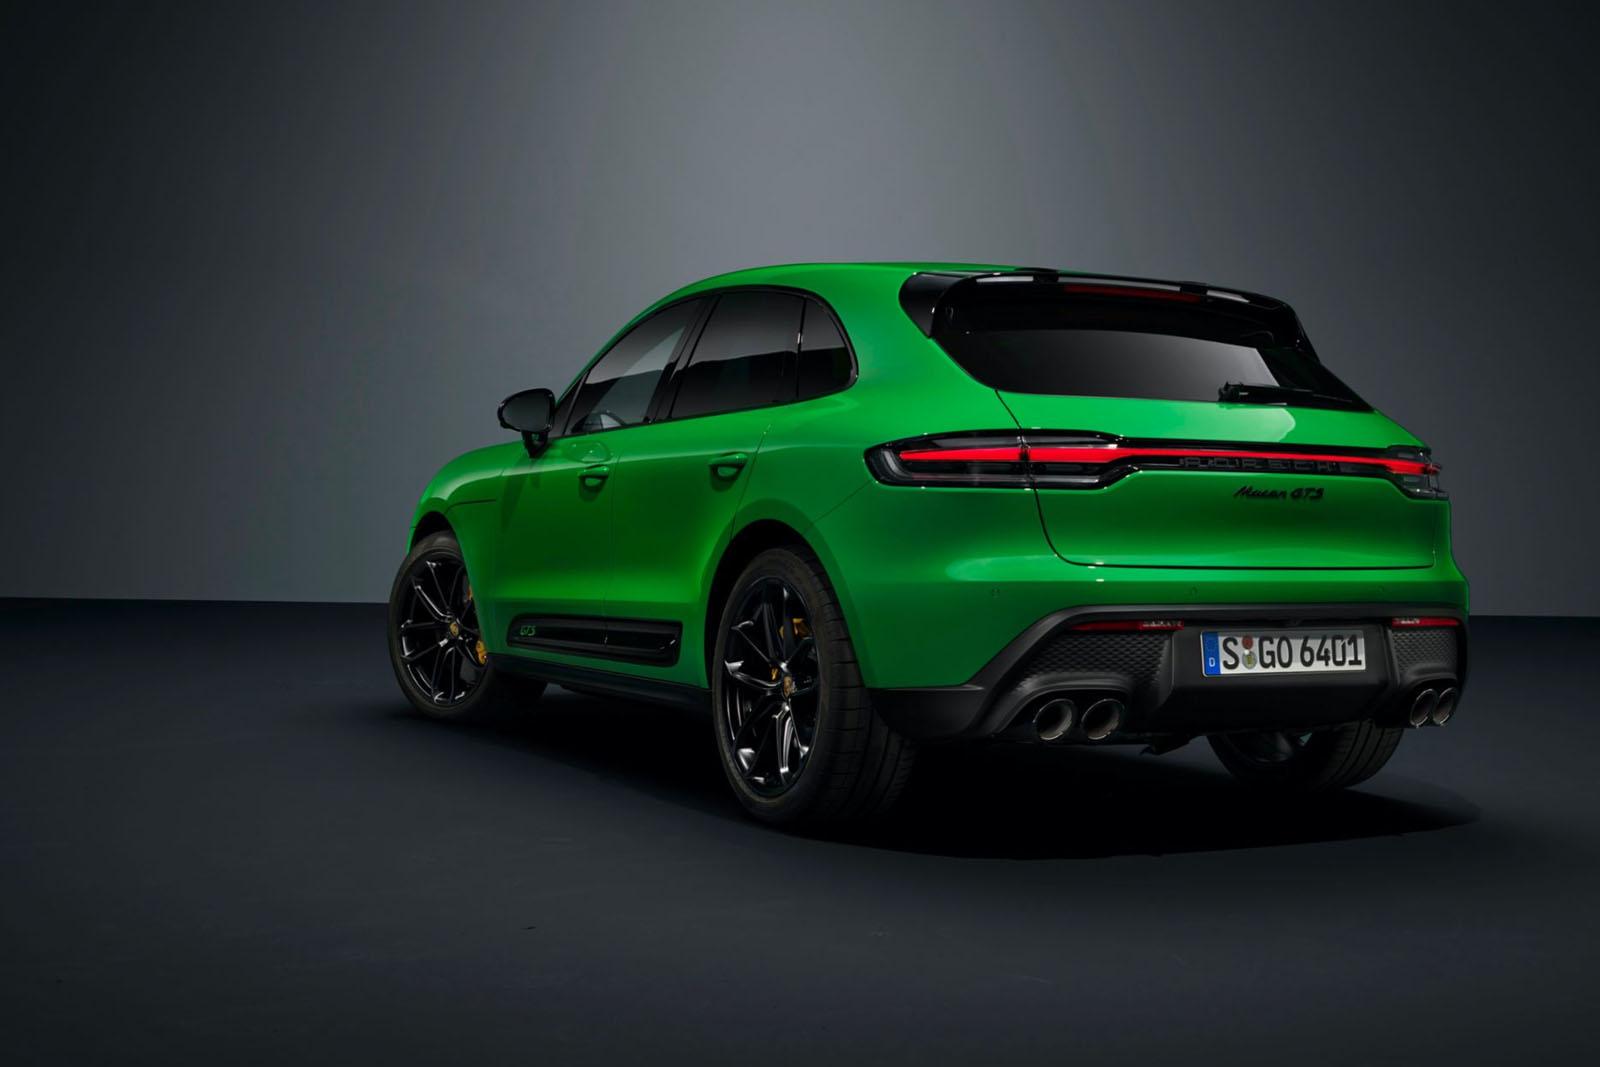 Porsche-Macan-2022-Rear-Side